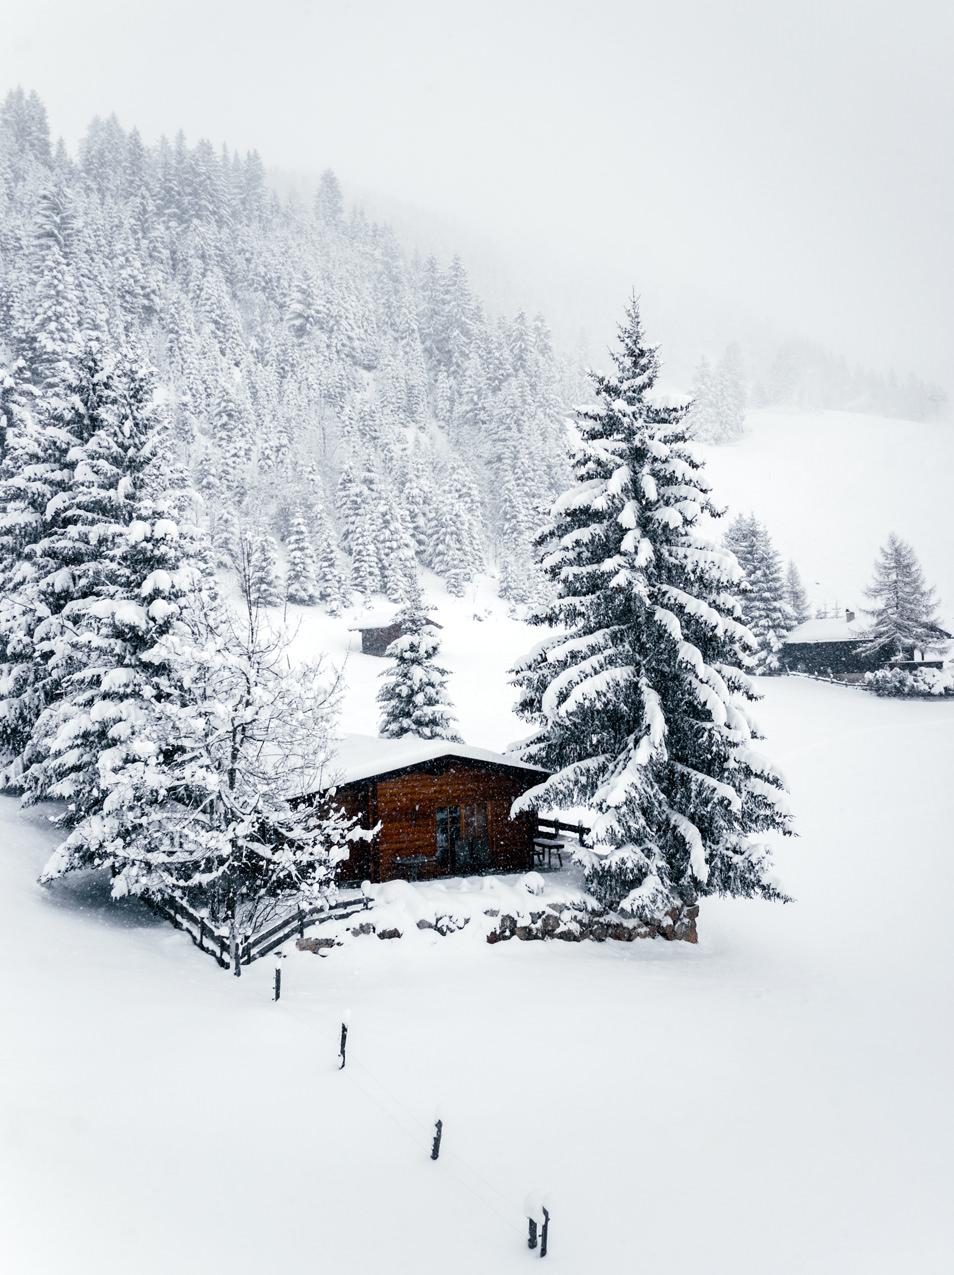 Chalet sur les pistes, Tyrol, Autriche